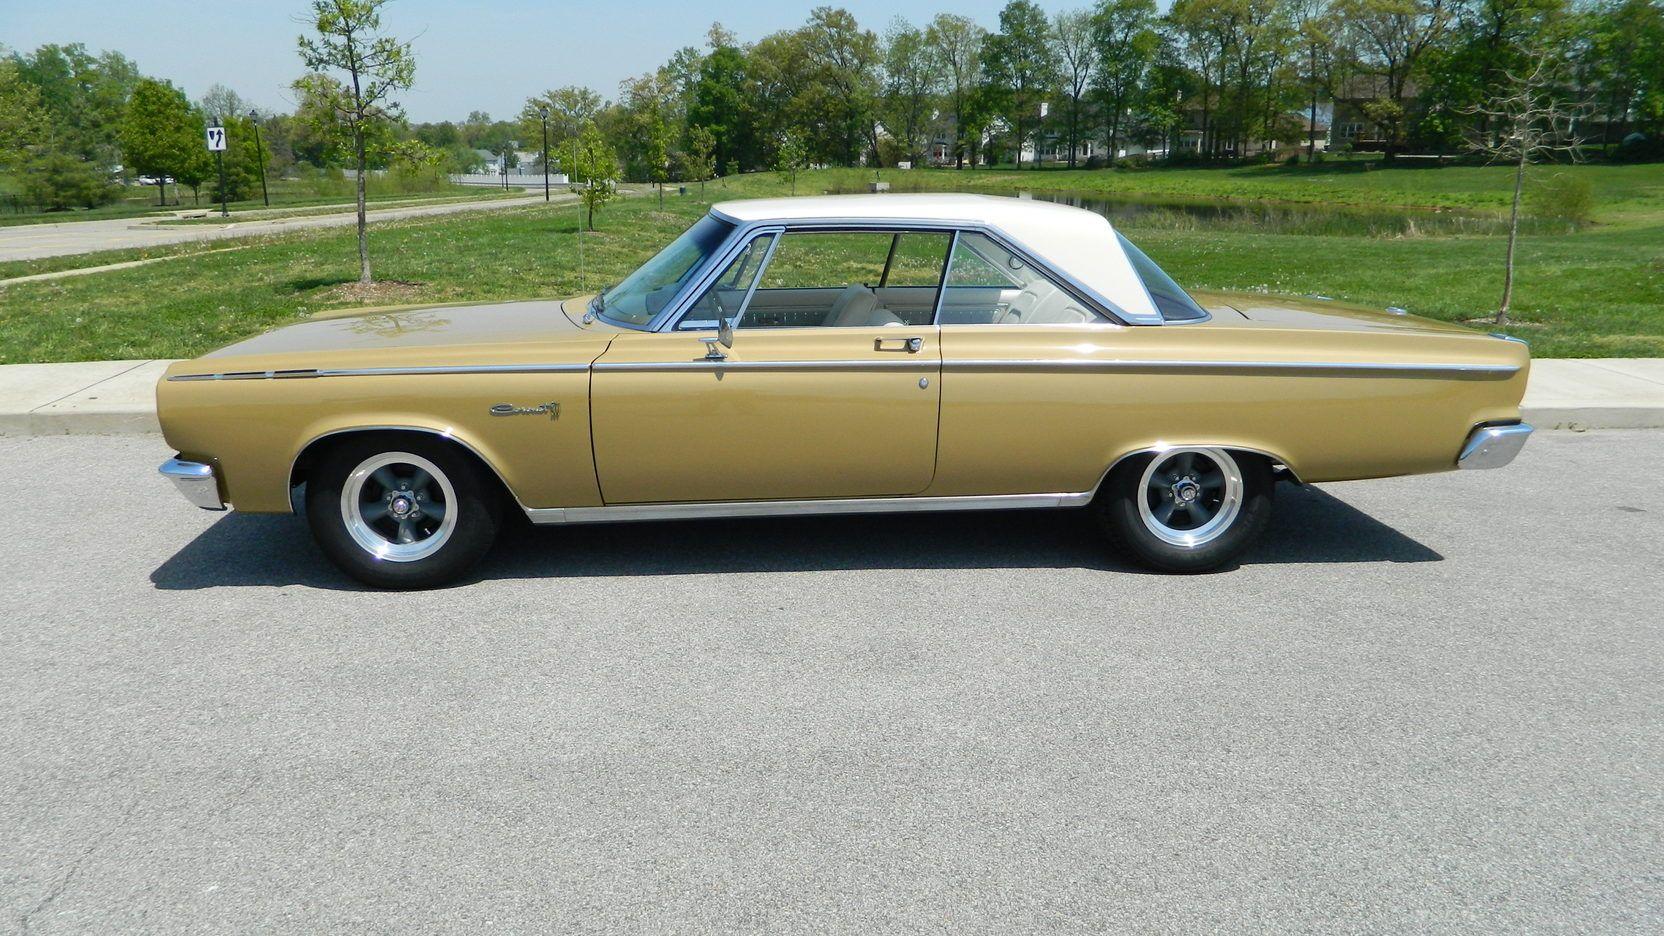 1965 Dodge Coronet 500 W160 Indy 2014 Dodge Coronet 500 Dodge Coronet Dodge